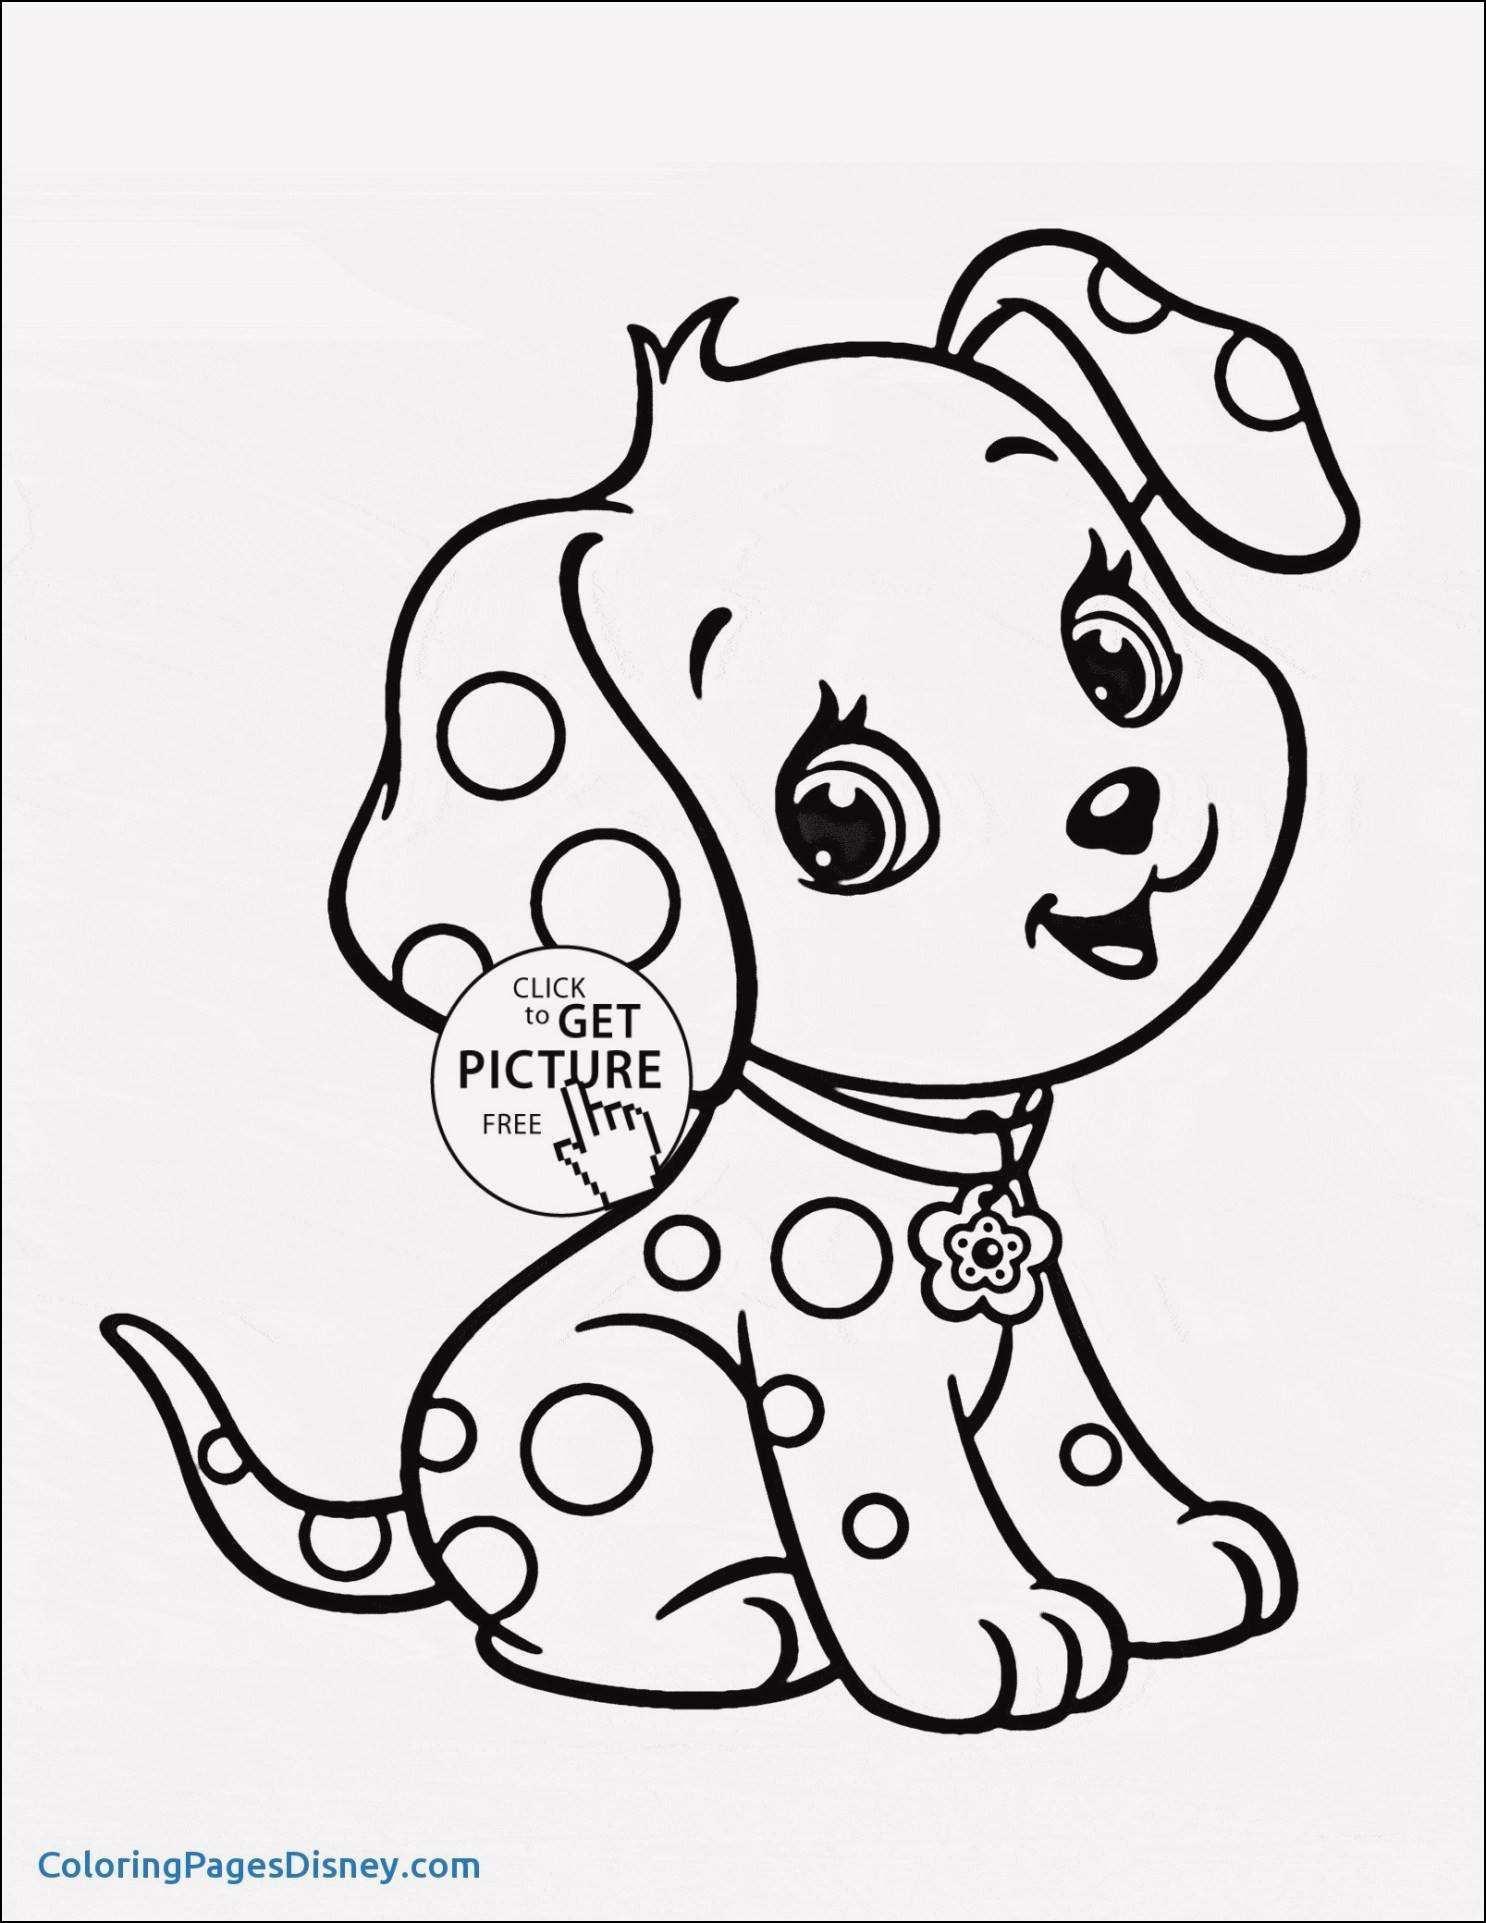 Malvorlagen Hello Kitty Inspirierend Lediglich Malvorlagen Weihnachten Kostenlos Cavespringlibrary J7do Stock